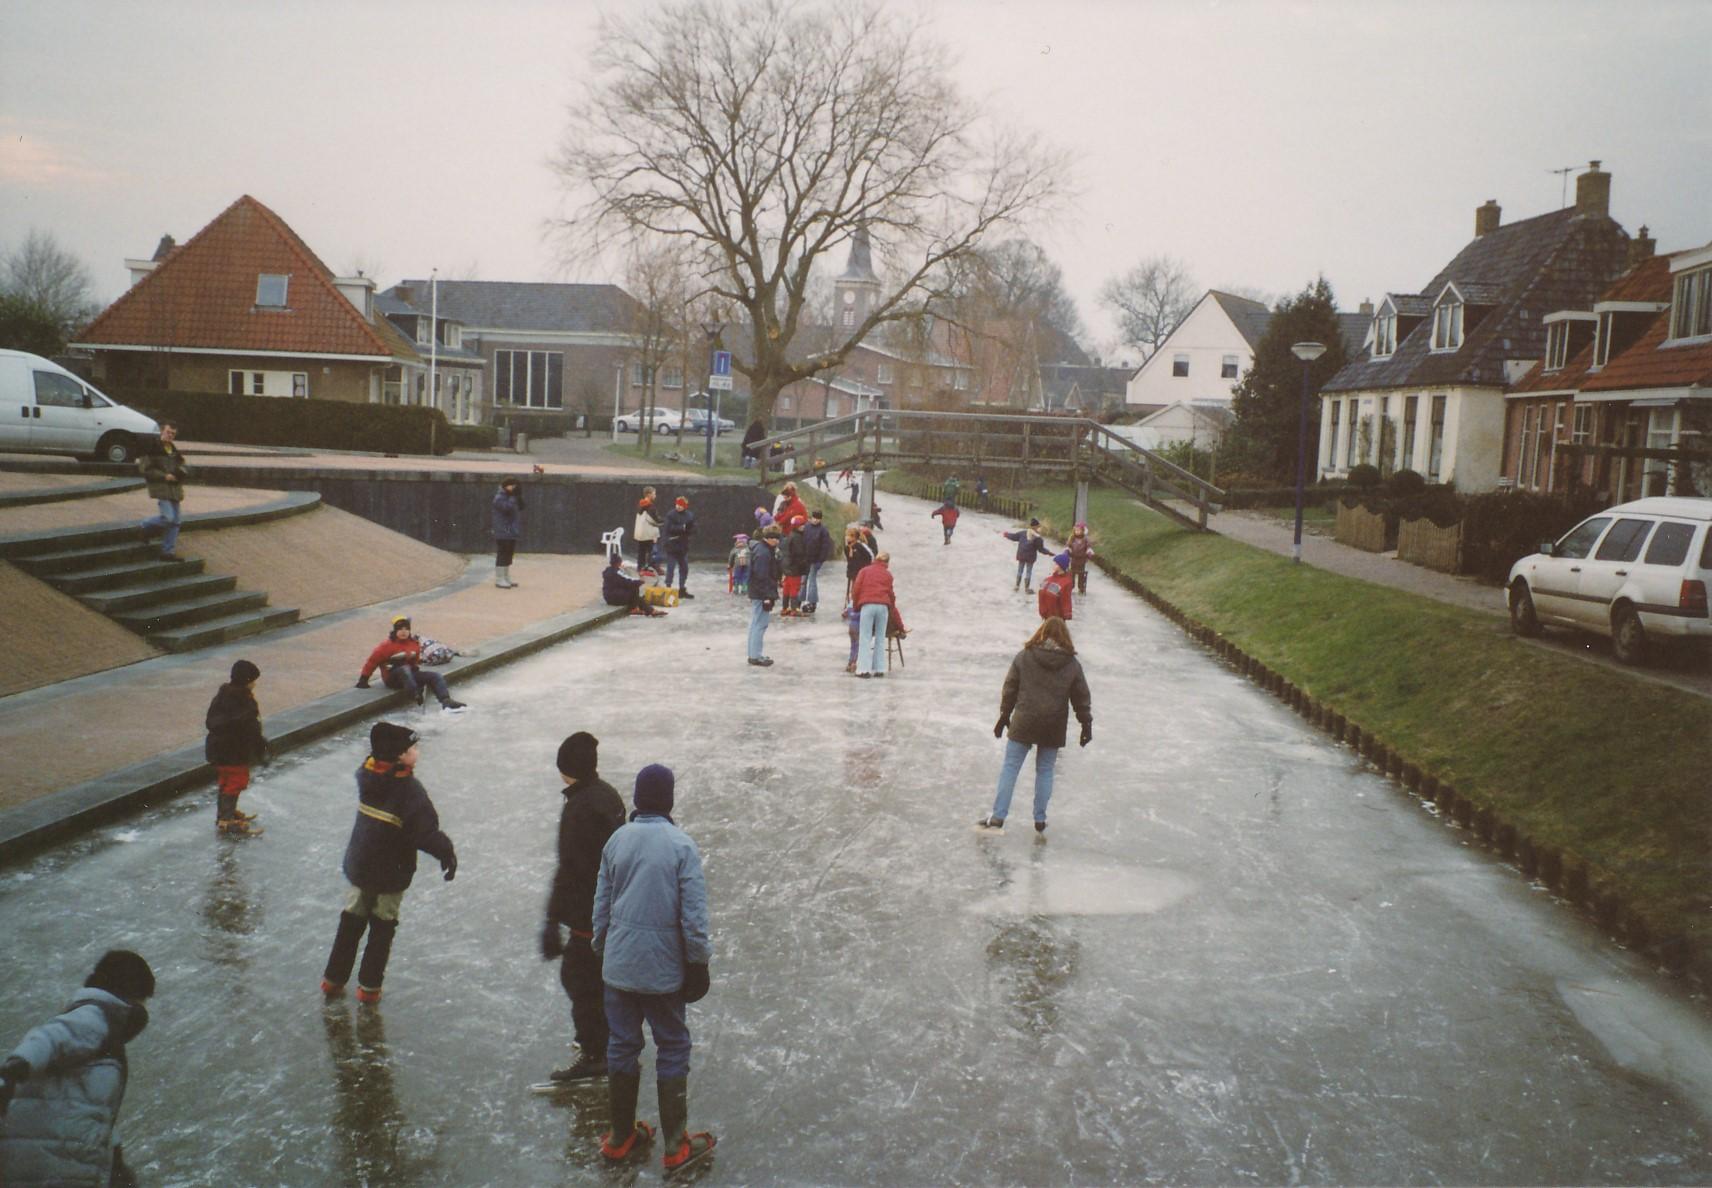 Fotoalbum Anneke Miedema, 086, Winter 2003-2004, hurdriden yn Easterwierrum, skoallebern